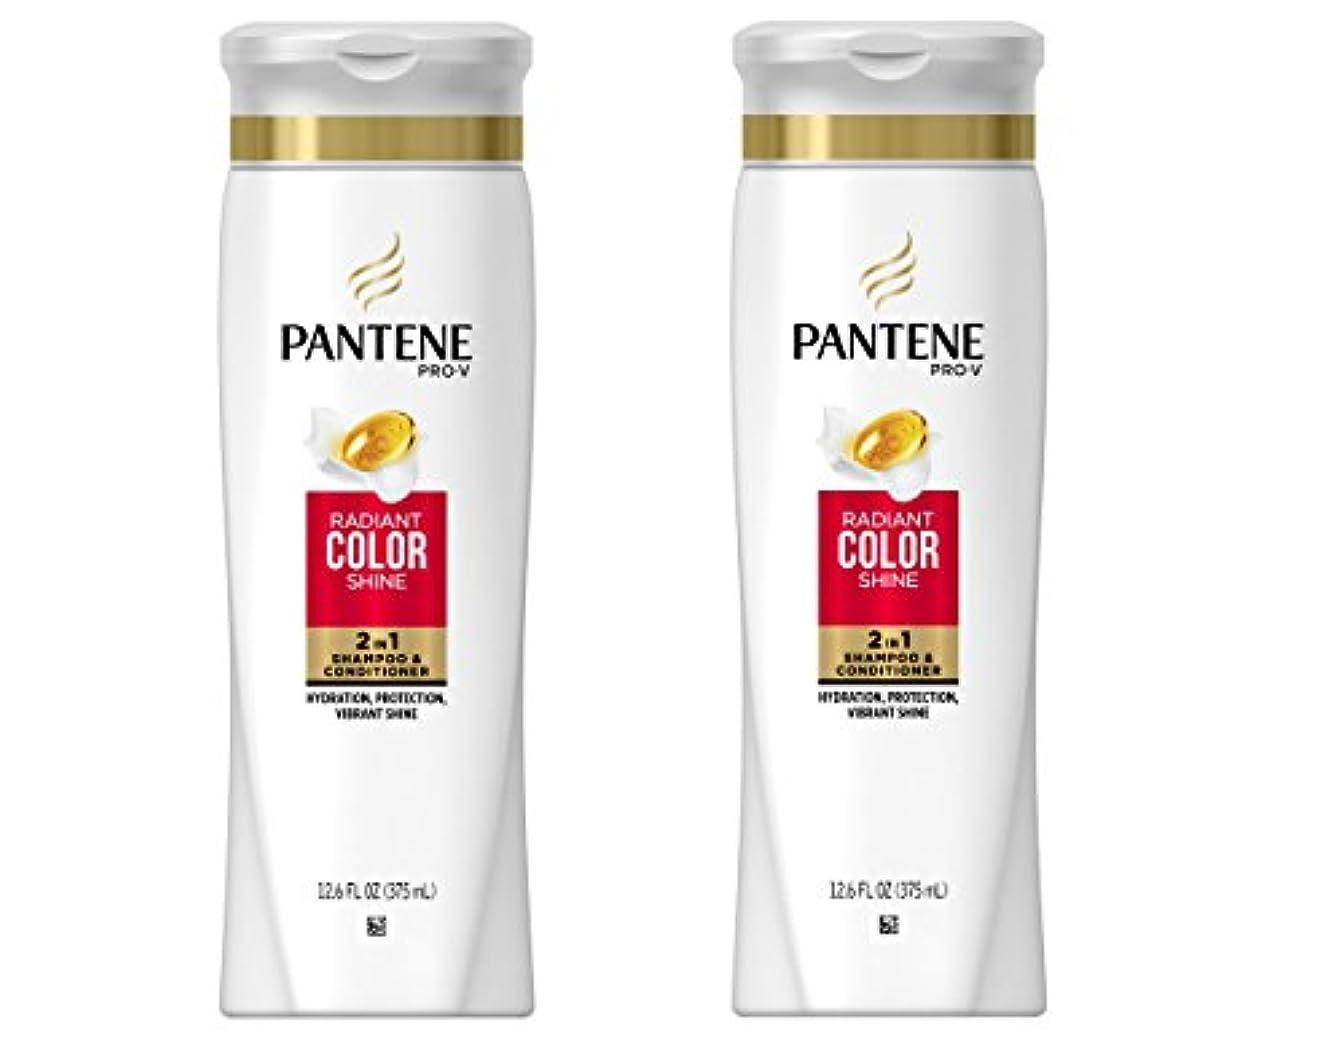 布盲目寝るPantene プロVラディアン色鮮やかな輝きを放つドリームケアの2in1シャンプー&コンディショナーシャイン12.6オズ(2パック) 12.6オンス(2パック) プロV色リバイバル磨きの2in1シャンプーとコンディショナー